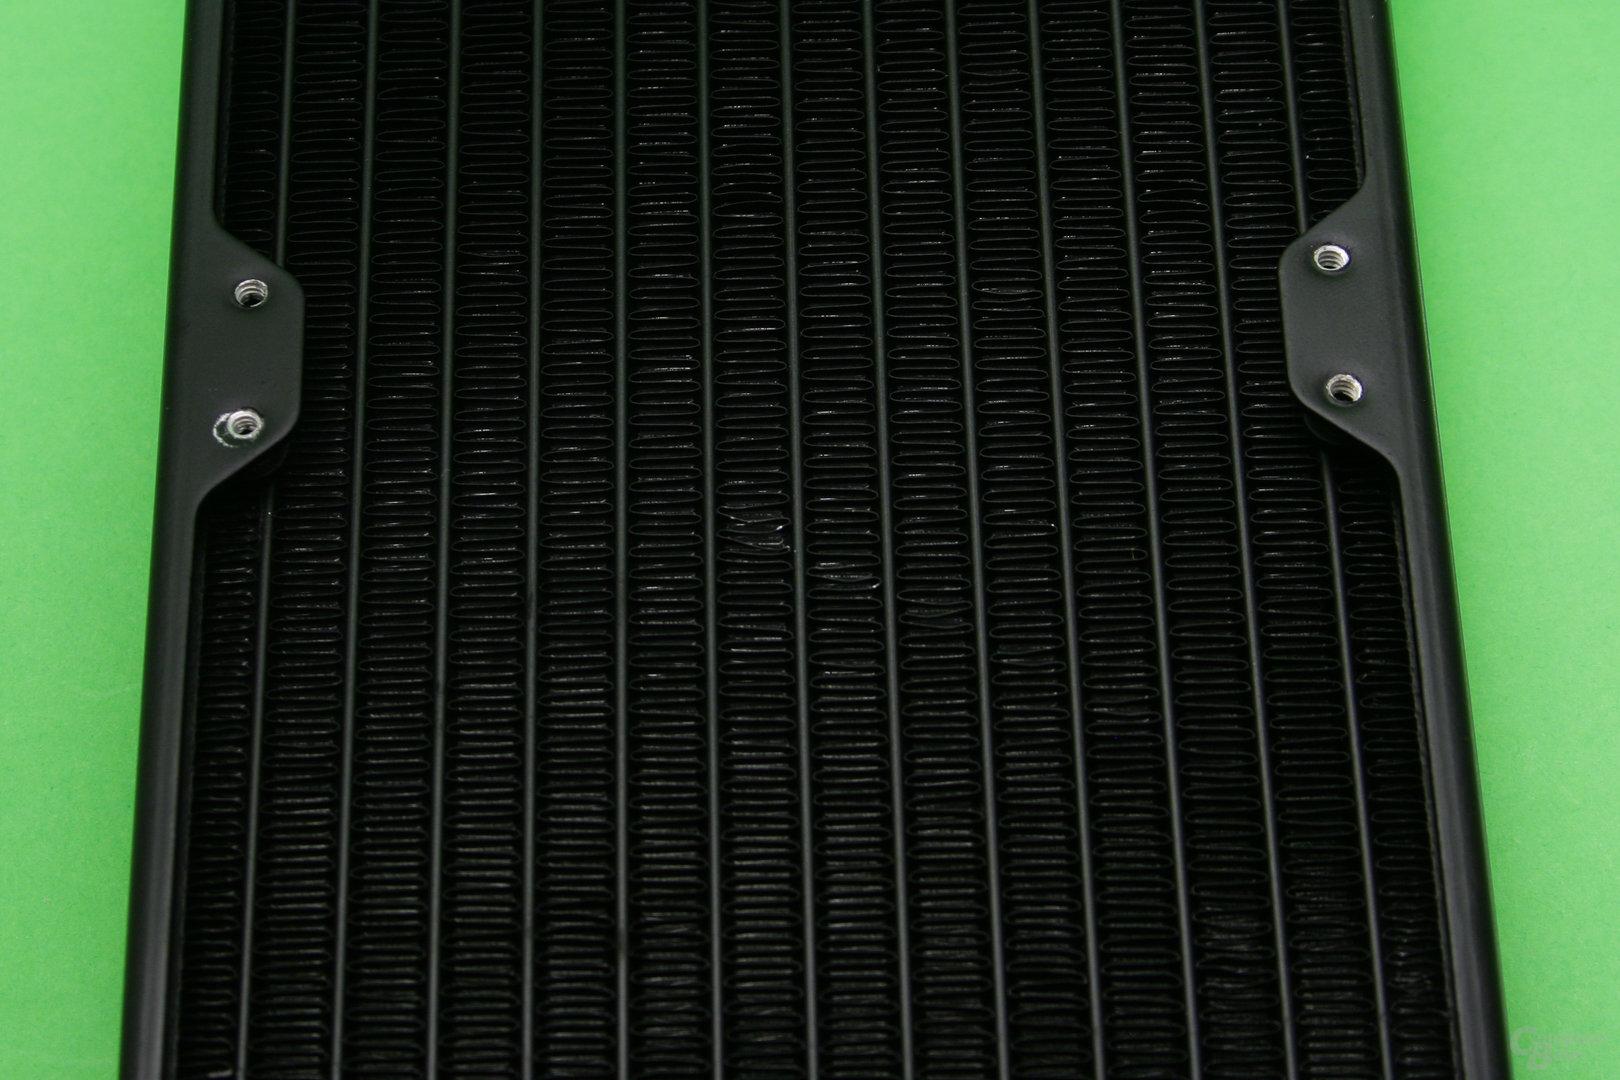 Corsair H100i v2: Verbogene Lamellen am Radiator